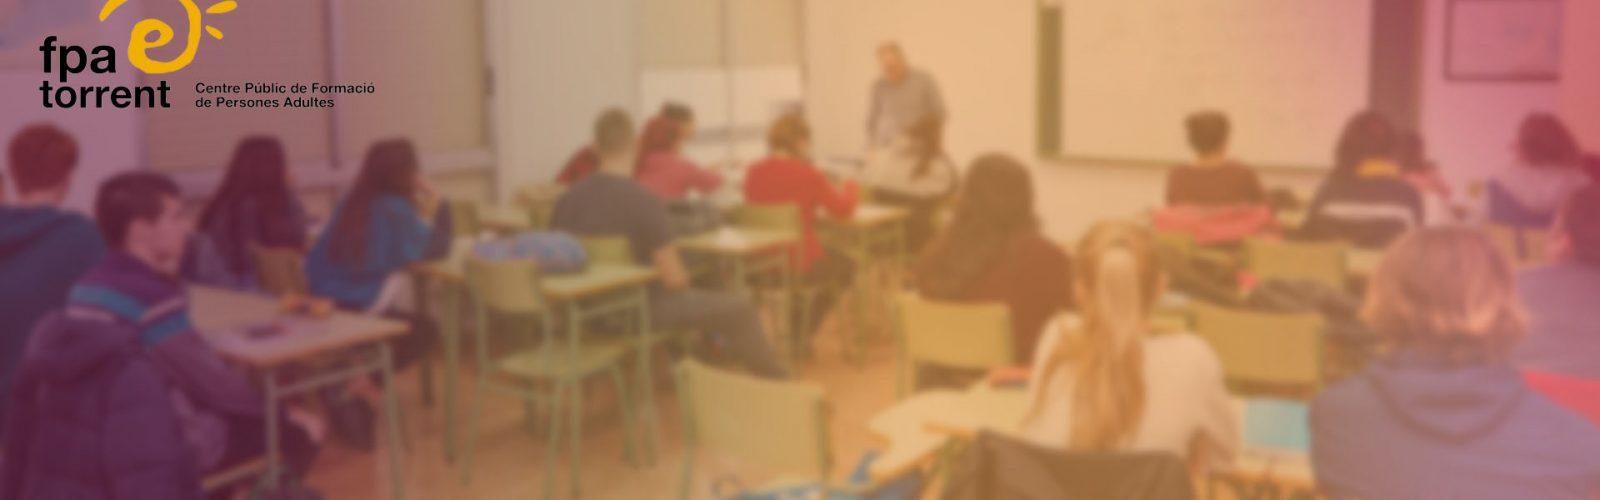 Horaris dels cursos d'Idiomes 2020-2021